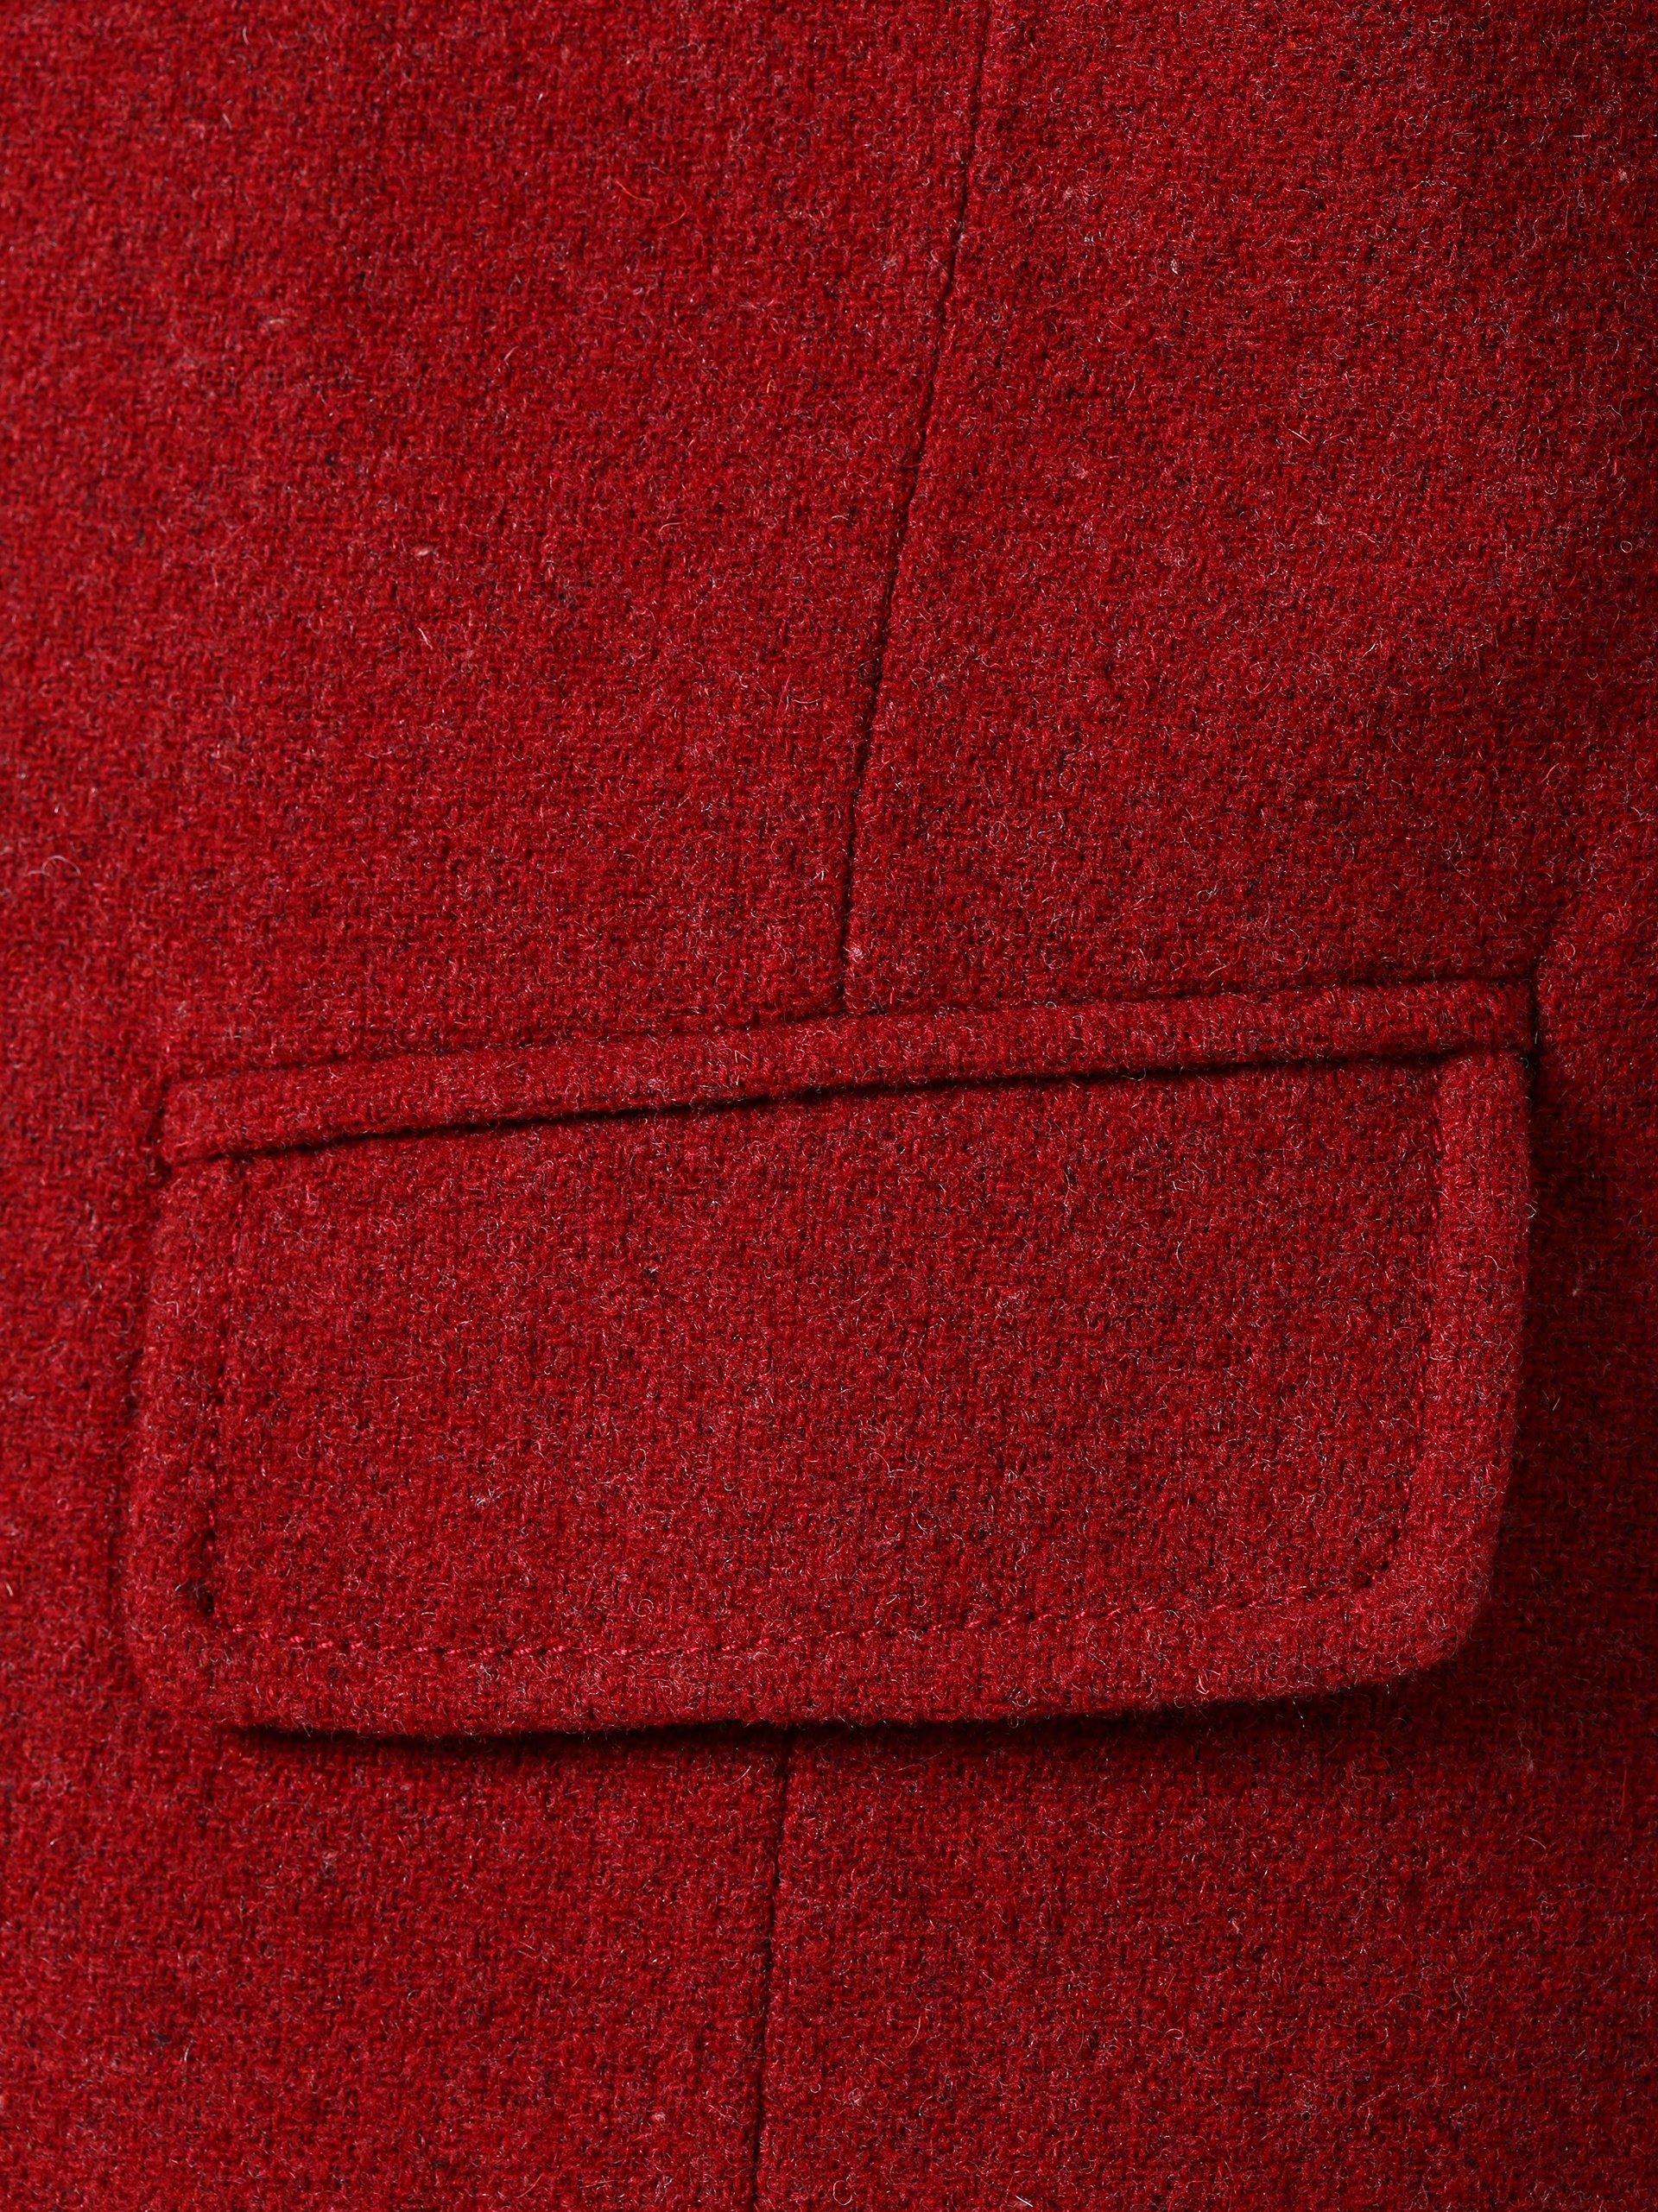 5bf538b98f1d45 Andrew James Herren Weste online kaufen | VANGRAAF.COM